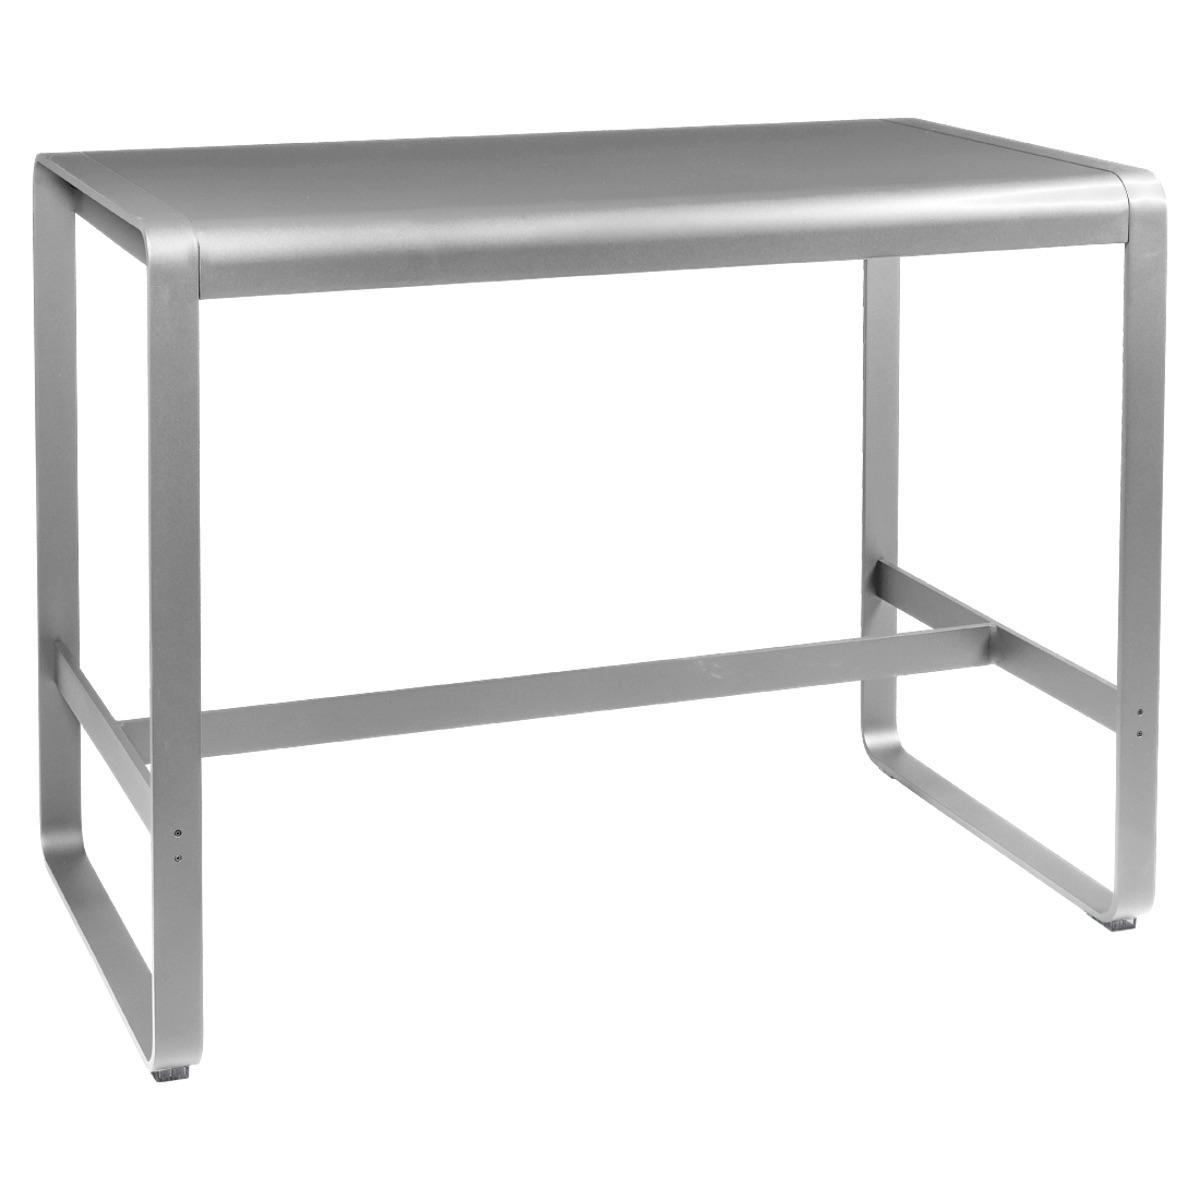 Table haute 80x140cm BELLEVIE Fermob gris métal